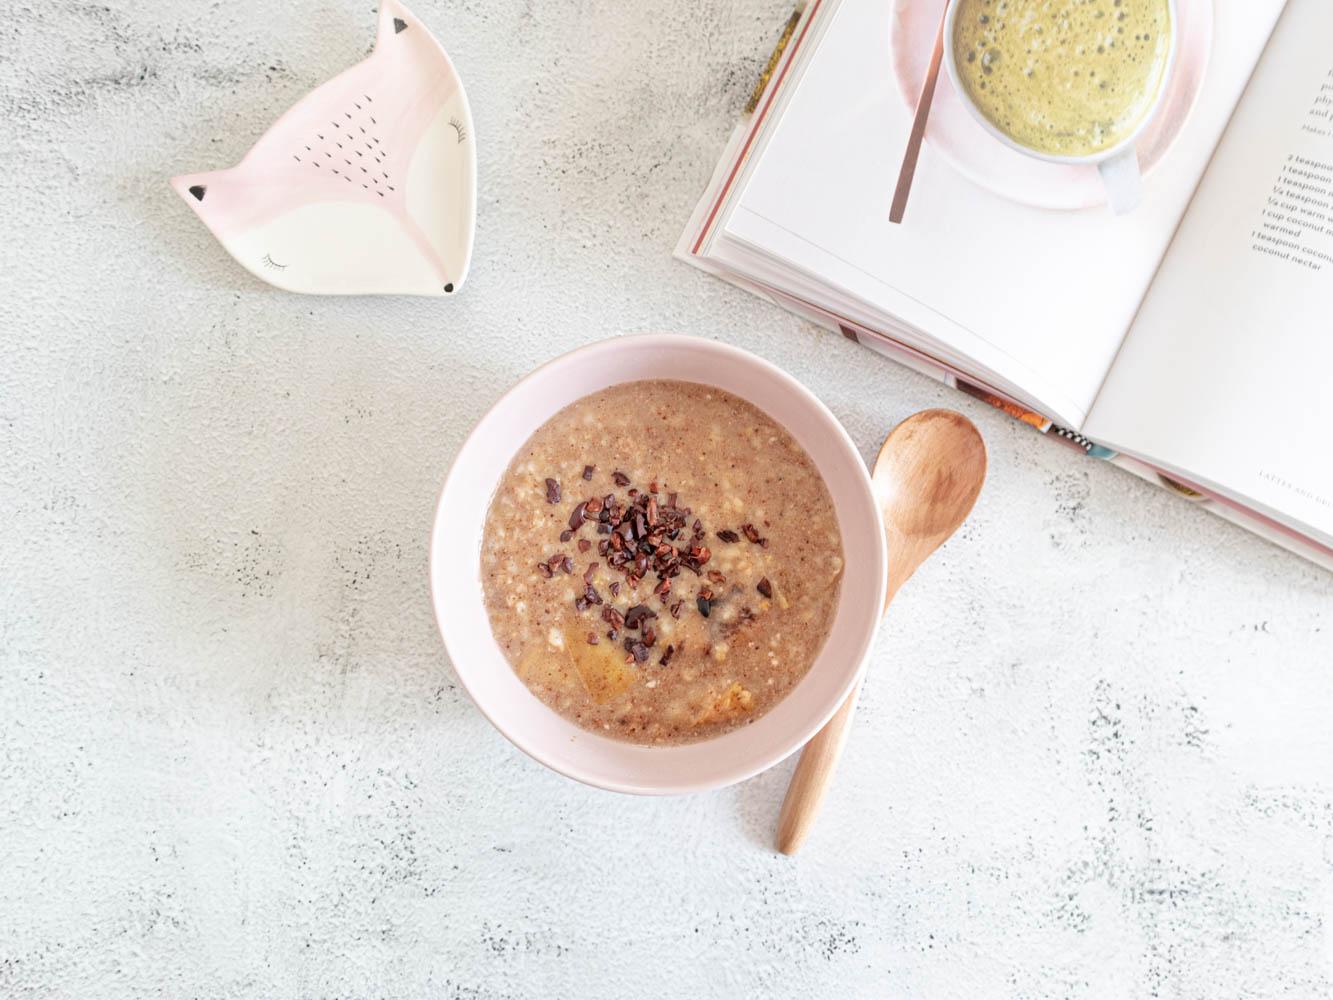 crema di riso e miglio - colazione macrobiotica